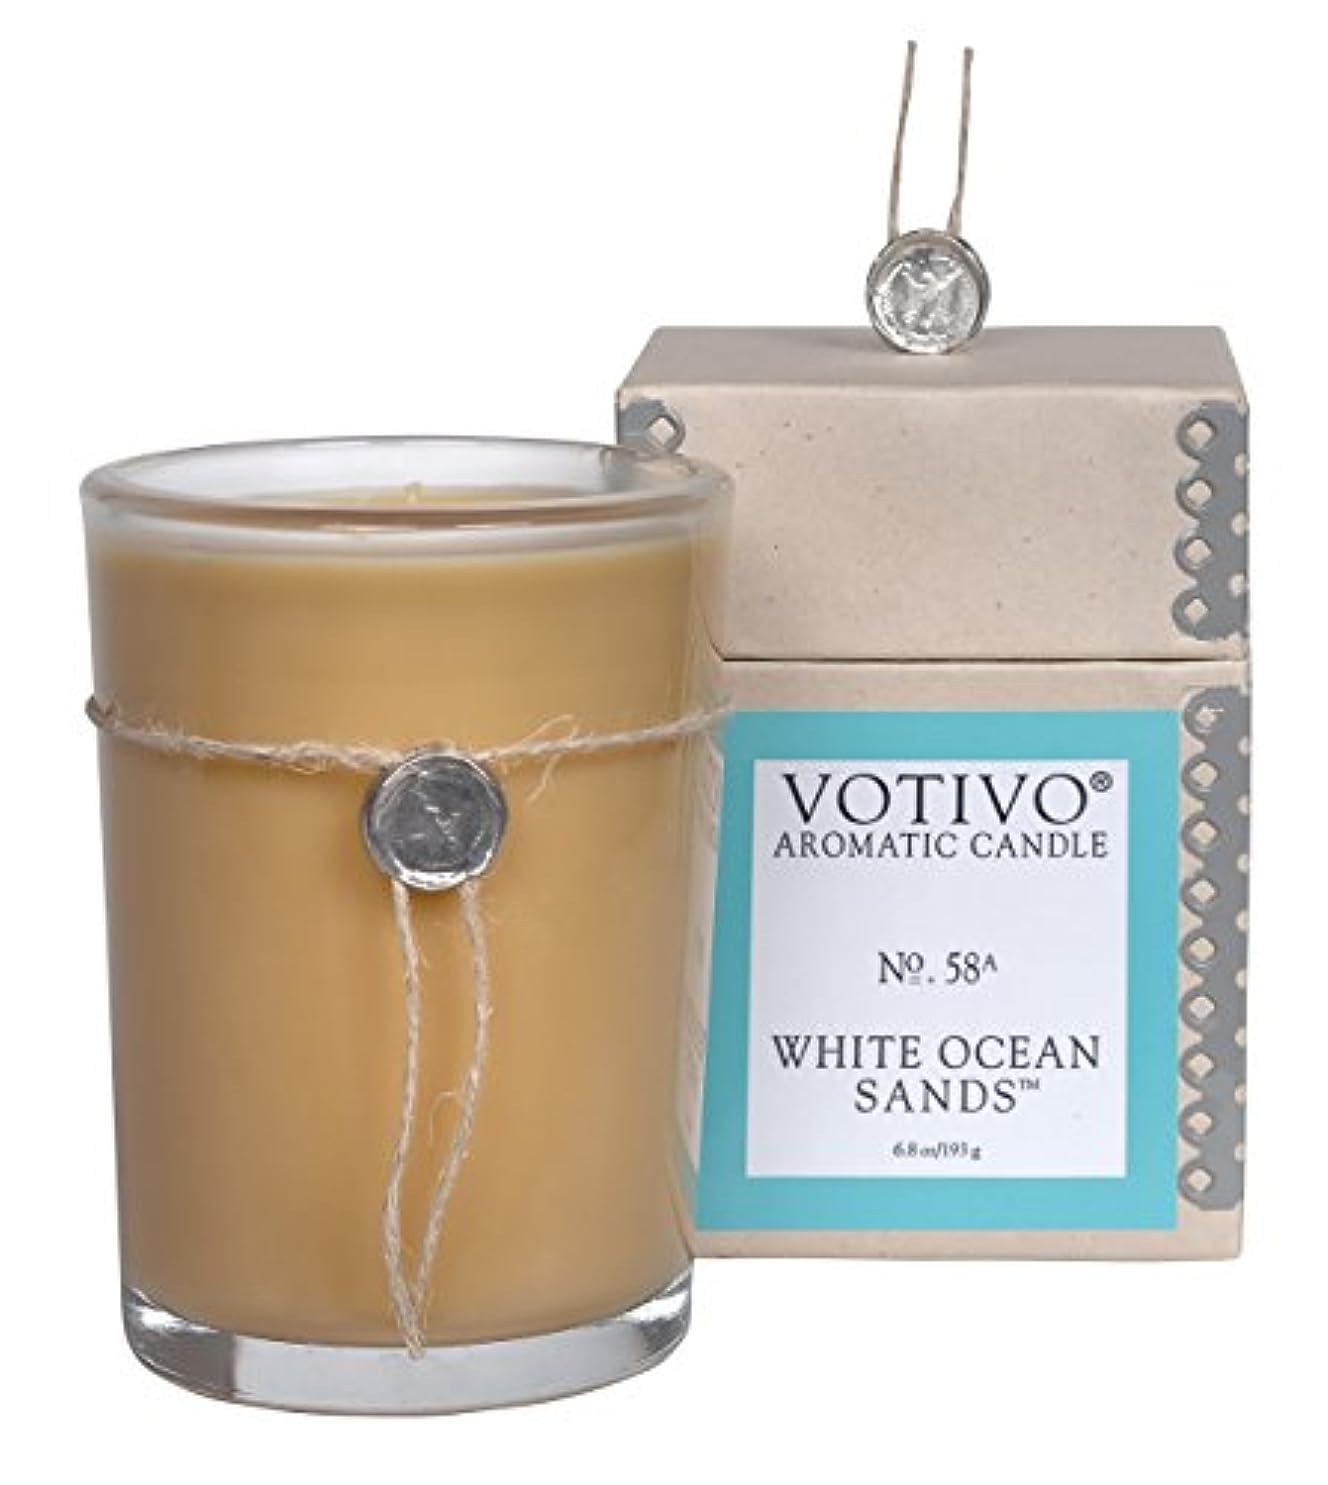 ハグ引き渡す負担VOTIVO アロマティック グラスキャンドル ホワイトオーシャンサ